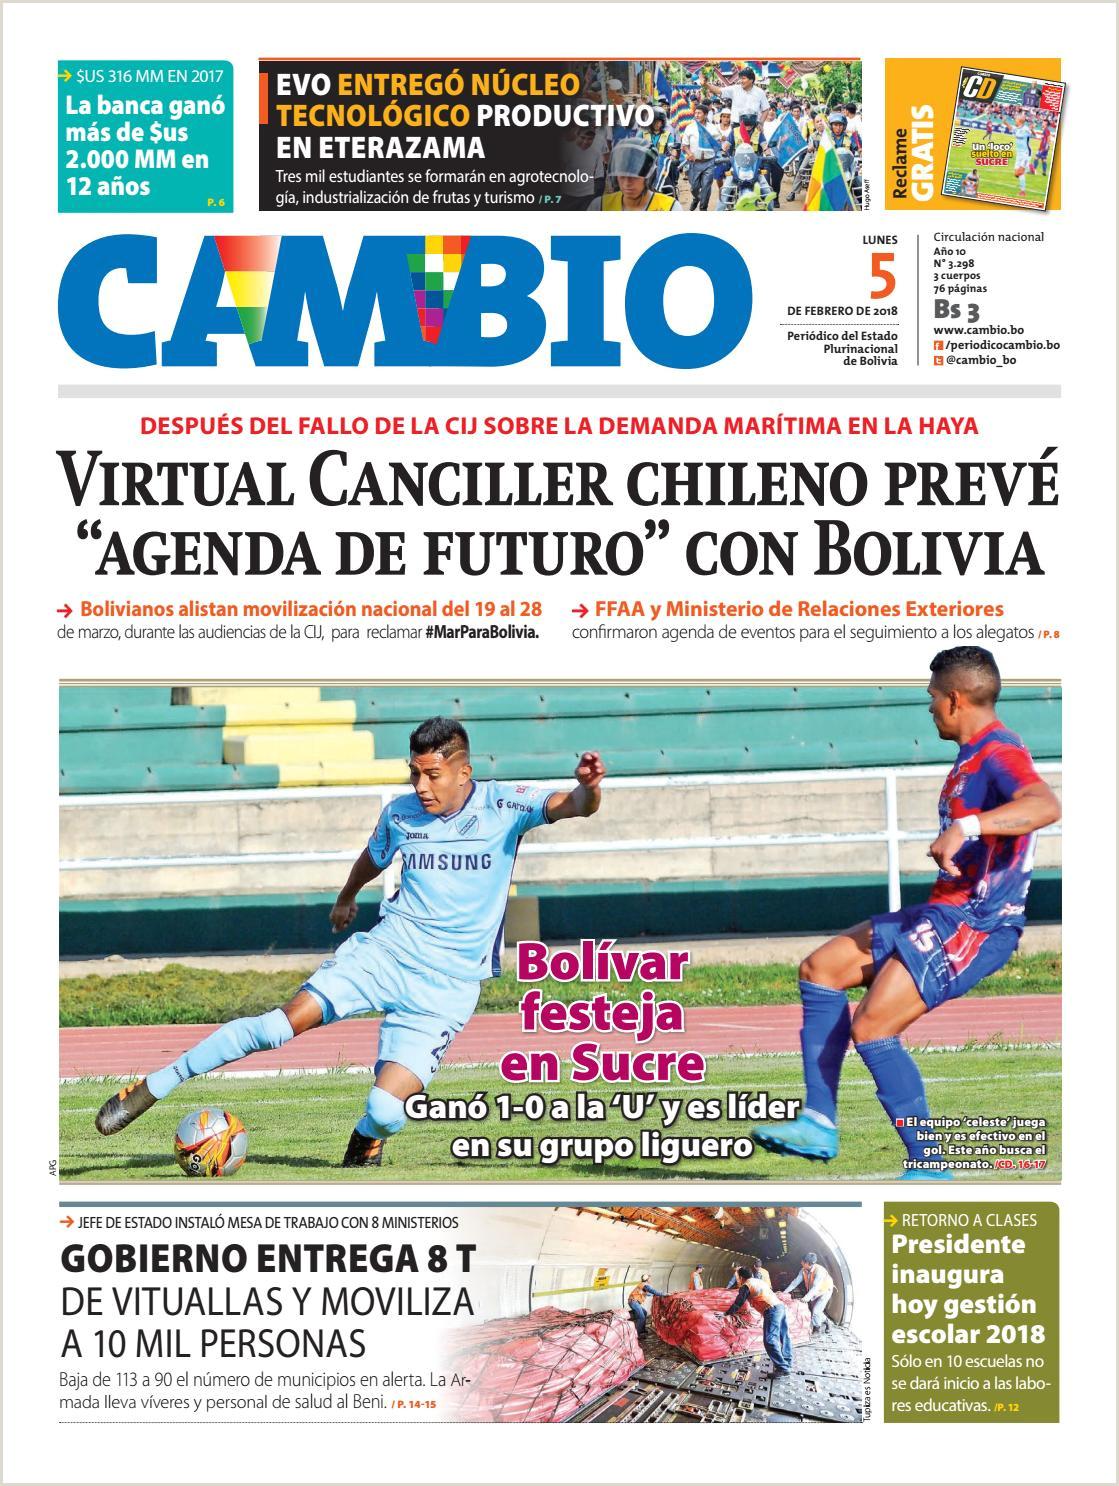 Formato Hoja De Vida Bolivia Edicion 5 02 18 by Cambio Peri³dico Del Estado